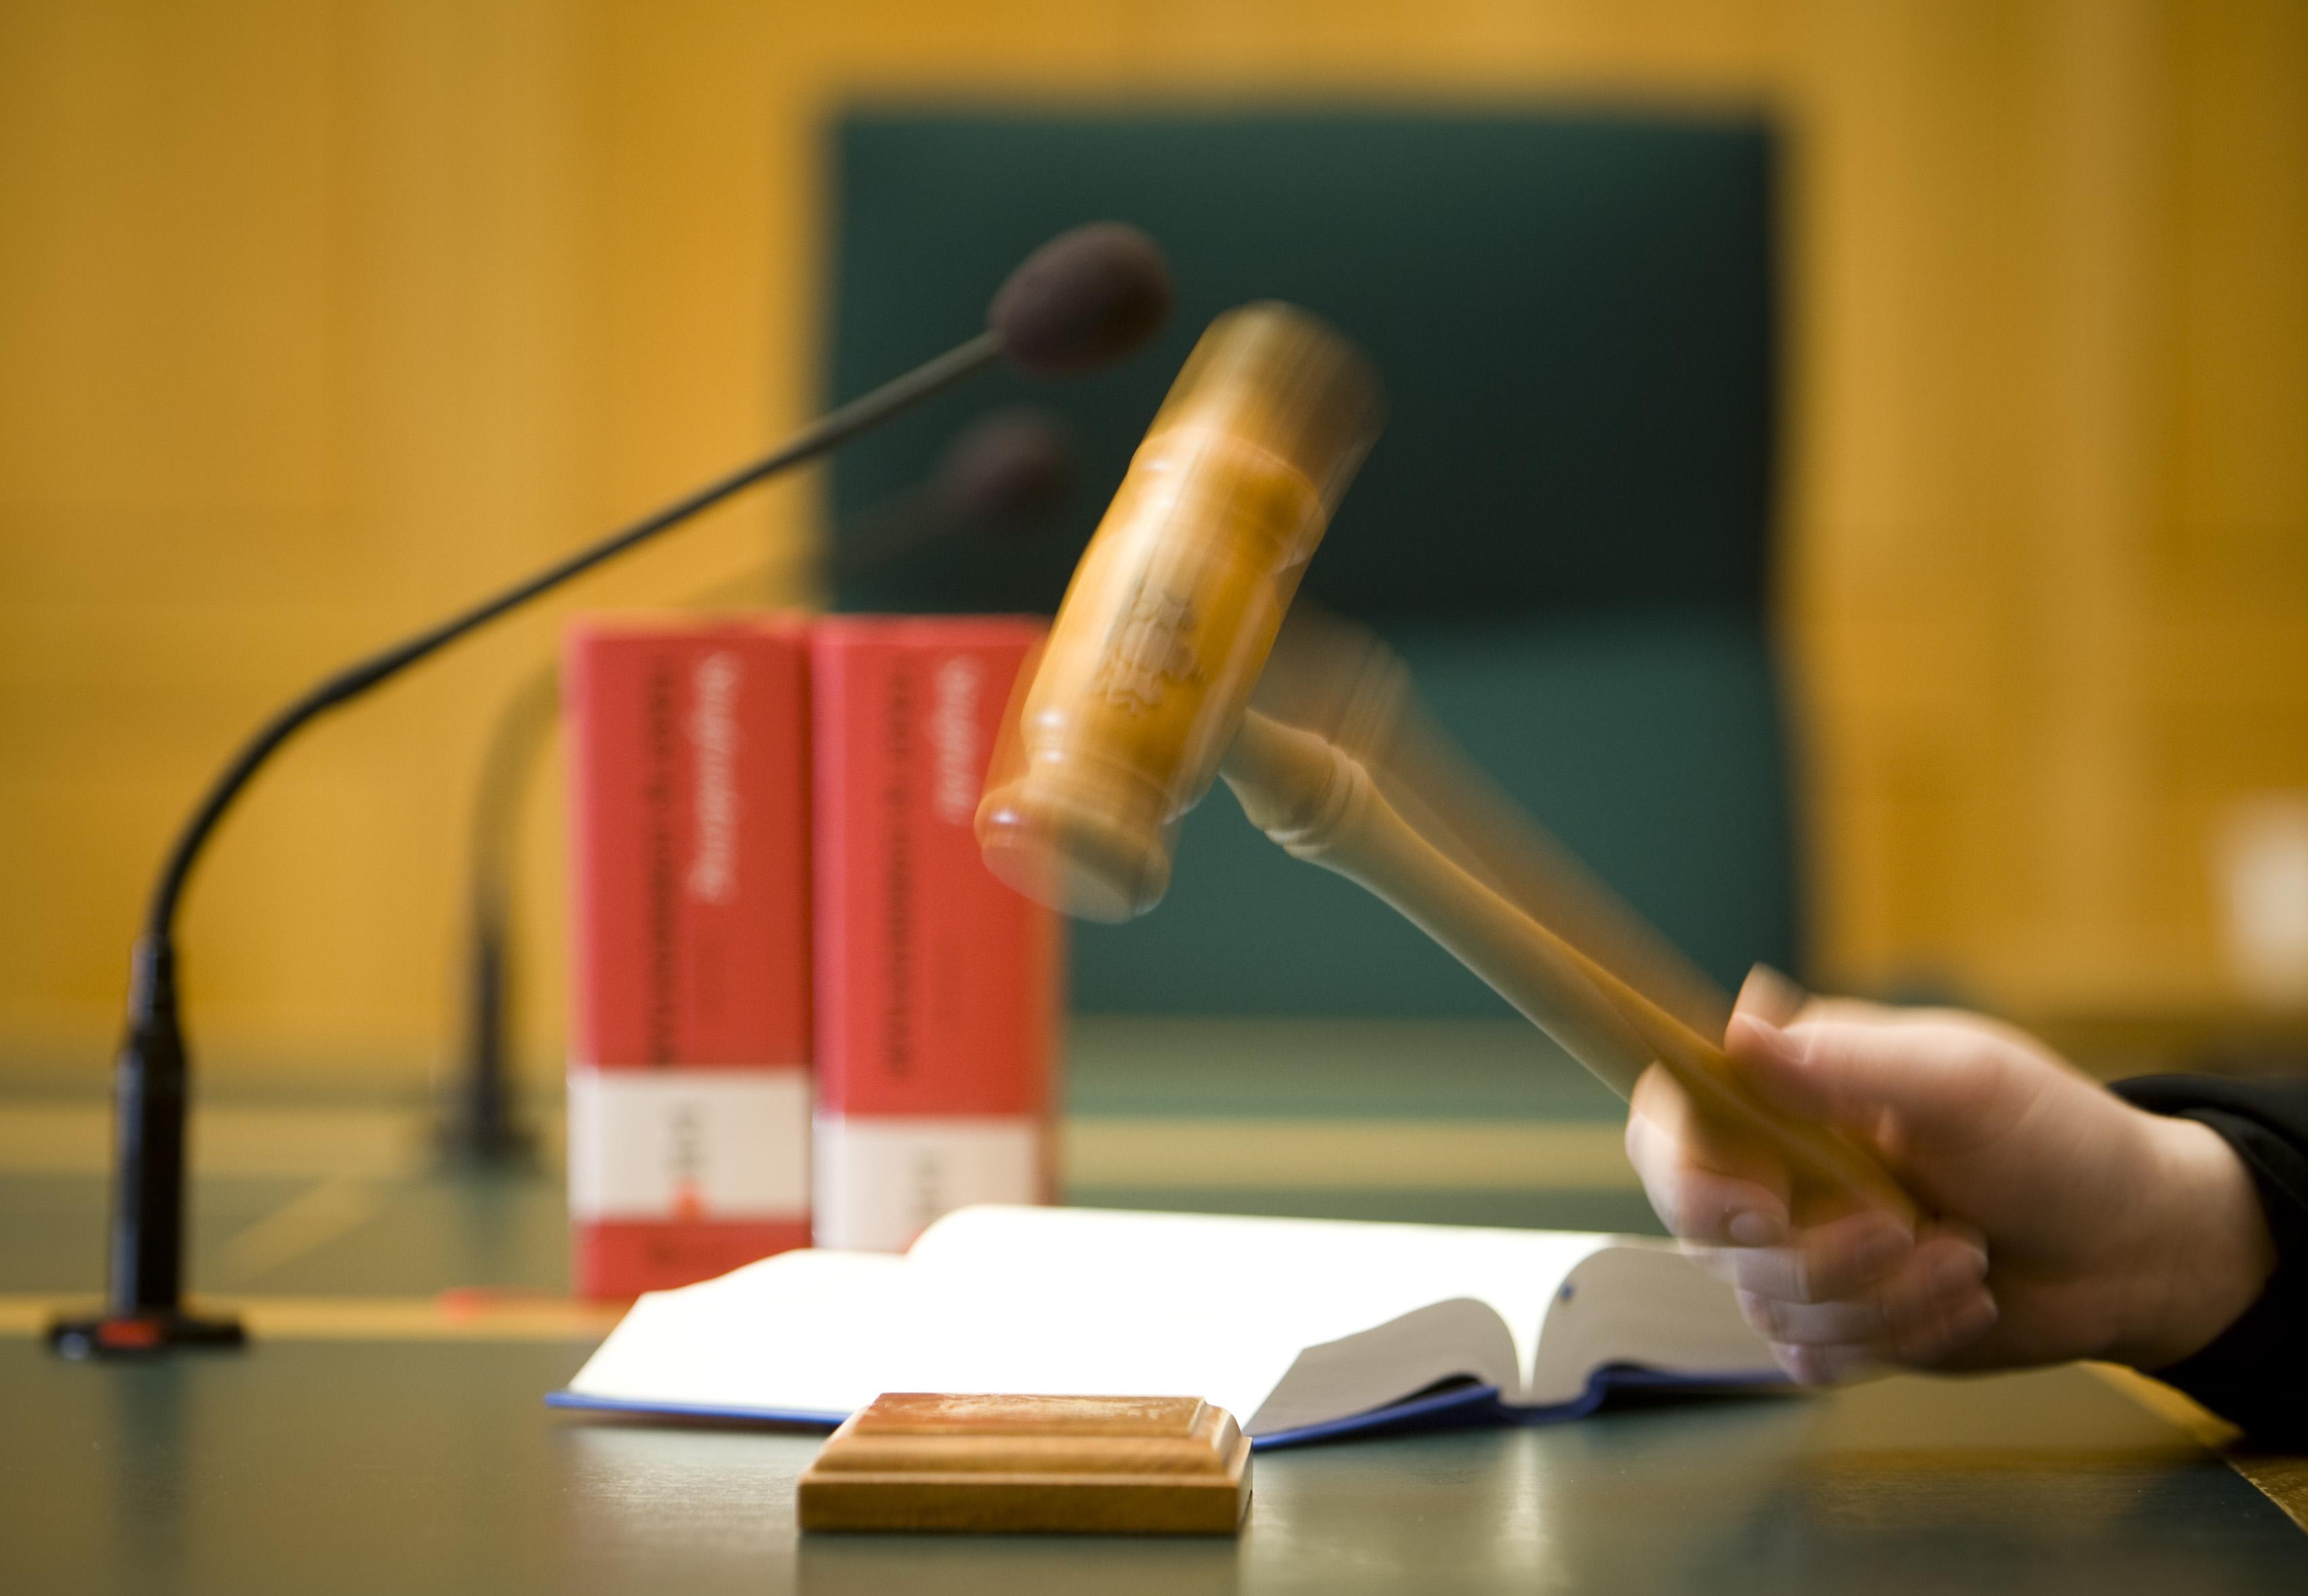 Zeven jaar cel voor overval door 'DHL-bezorger' uit Leiden die vrouw in woning overviel